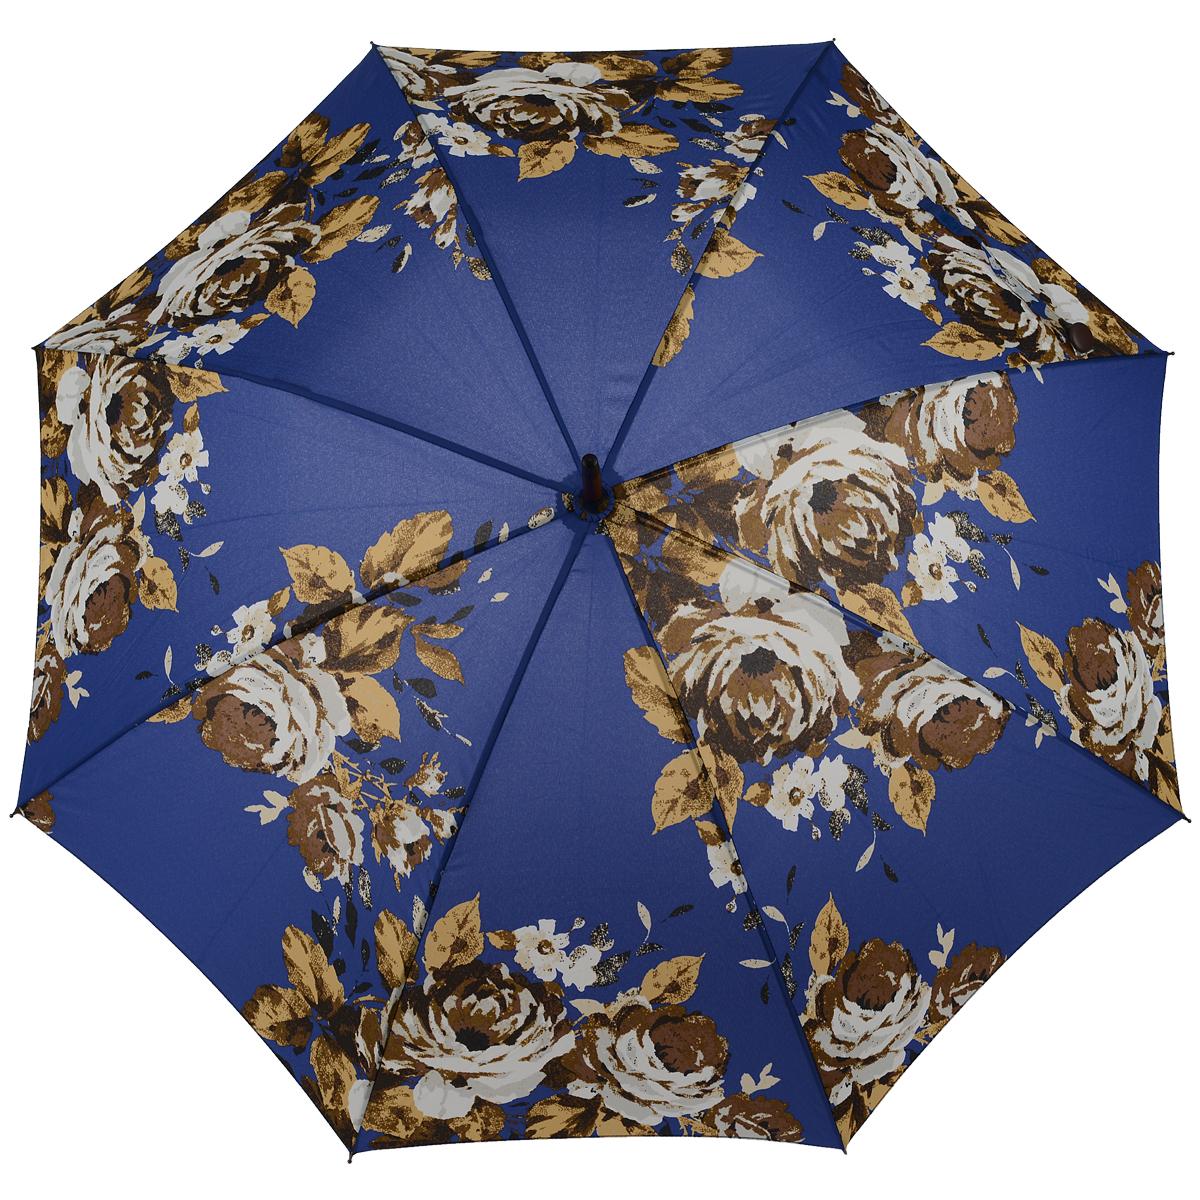 Зонт-трость женский Antique Rose Blue, механический, цвет: синий45100948B/32793/5900NСтильный механический зонт-трость Antique Rose Blue даже в ненастную погоду позволит вам оставаться элегантной. Облегченный каркас зонта выполнен из 8 спиц из фибергласса, стержень изготовлен из дерева. Купол зонта выполнен из прочного полиэстера и оформлен цветочным принтом. Рукоятка закругленной формы разработана с учетом требований эргономики и выполнена из дерева. Зонт имеет механический тип сложения: купол открывается и закрывается вручную до характерного щелчка.Такой зонт не только надежно защитит вас от дождя, но и станет стильным аксессуаром. Характеристики:Материал: полиэстер, фибергласс, дерево. Диаметр купола: 100 см.Цвет: синий. Длина стержня зонта: 76 см. Длина зонта (в сложенном виде): 88 см.Вес: 375 г.Артикул:L056 3F2638.